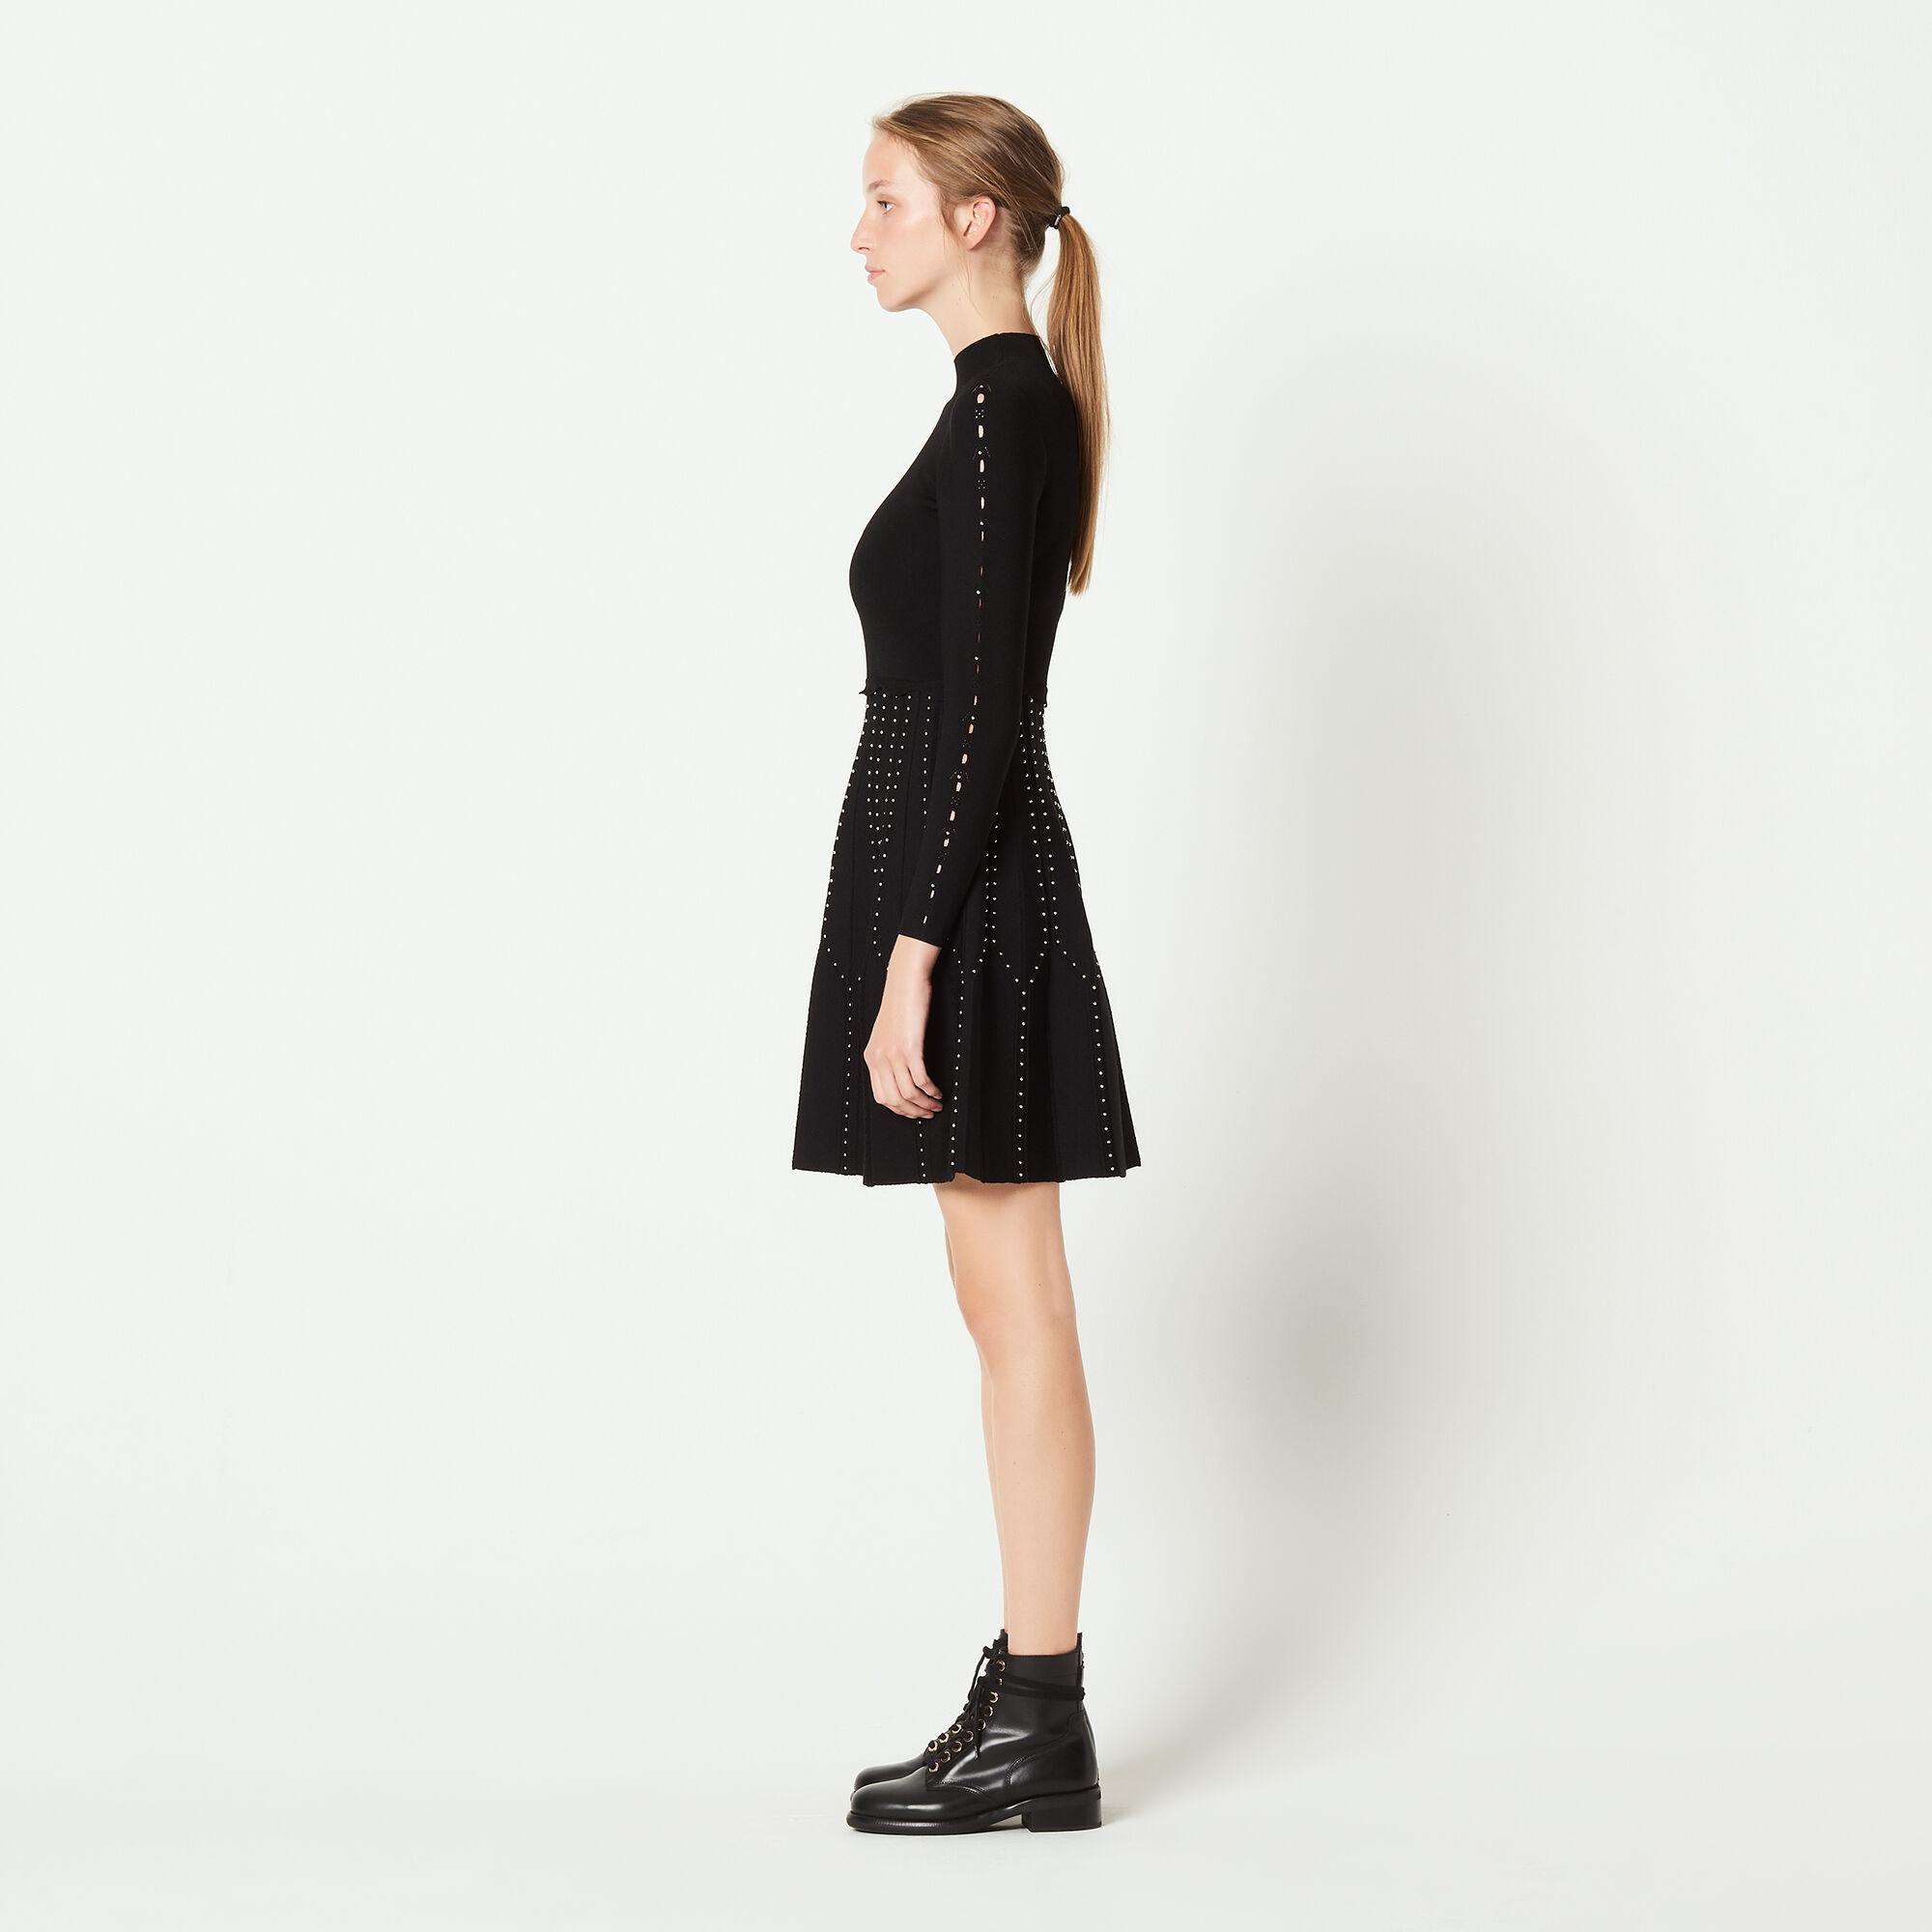 Vestido corto de cuello alto negro